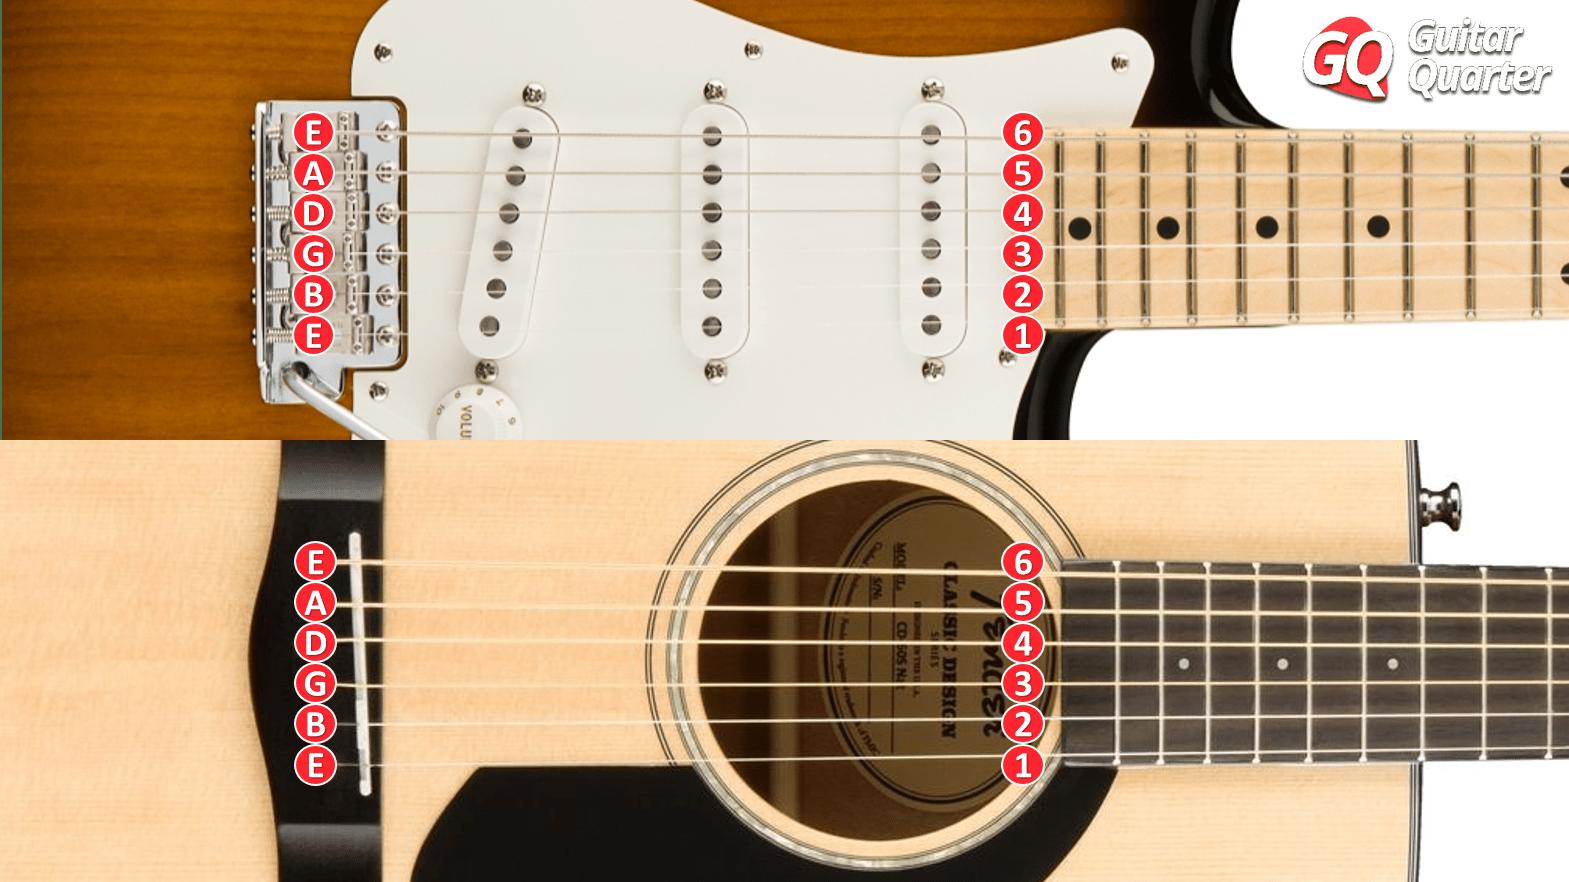 Nomes das cordas da guitarra: notas e números